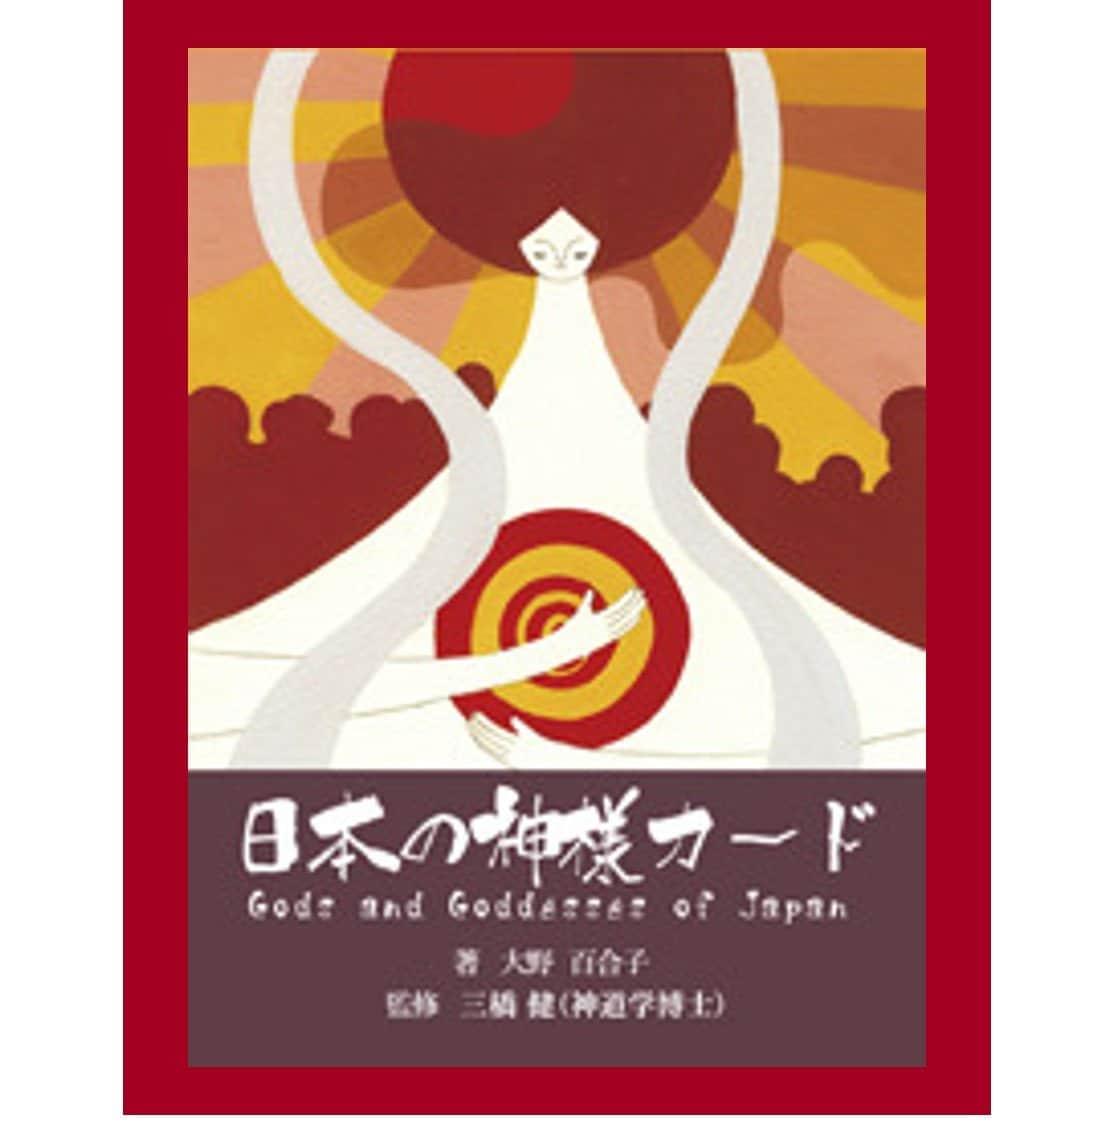 (オンライン)『日本の神様カード』入門講座のイメージその3